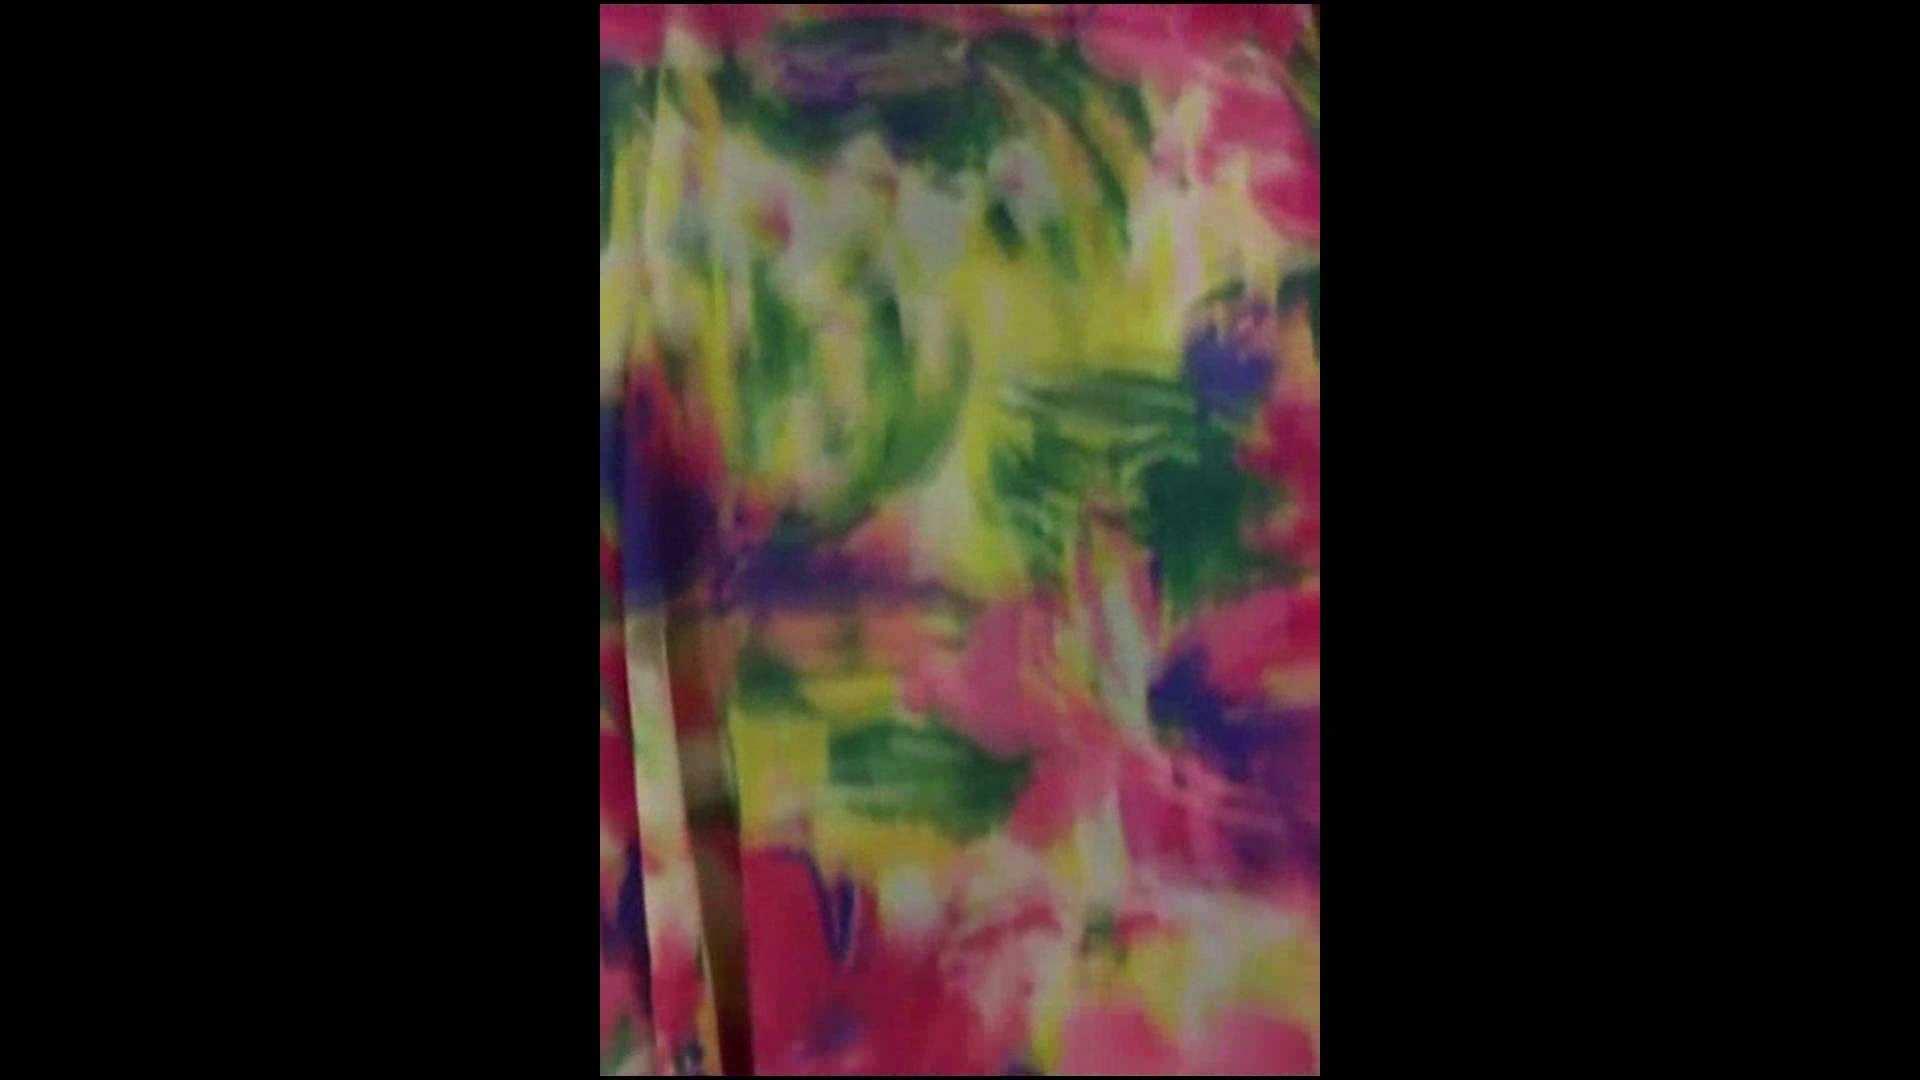 綺麗なモデルさんのスカート捲っちゃおう‼vol01 OLすけべ画像 盗み撮り動画キャプチャ 95連発 80